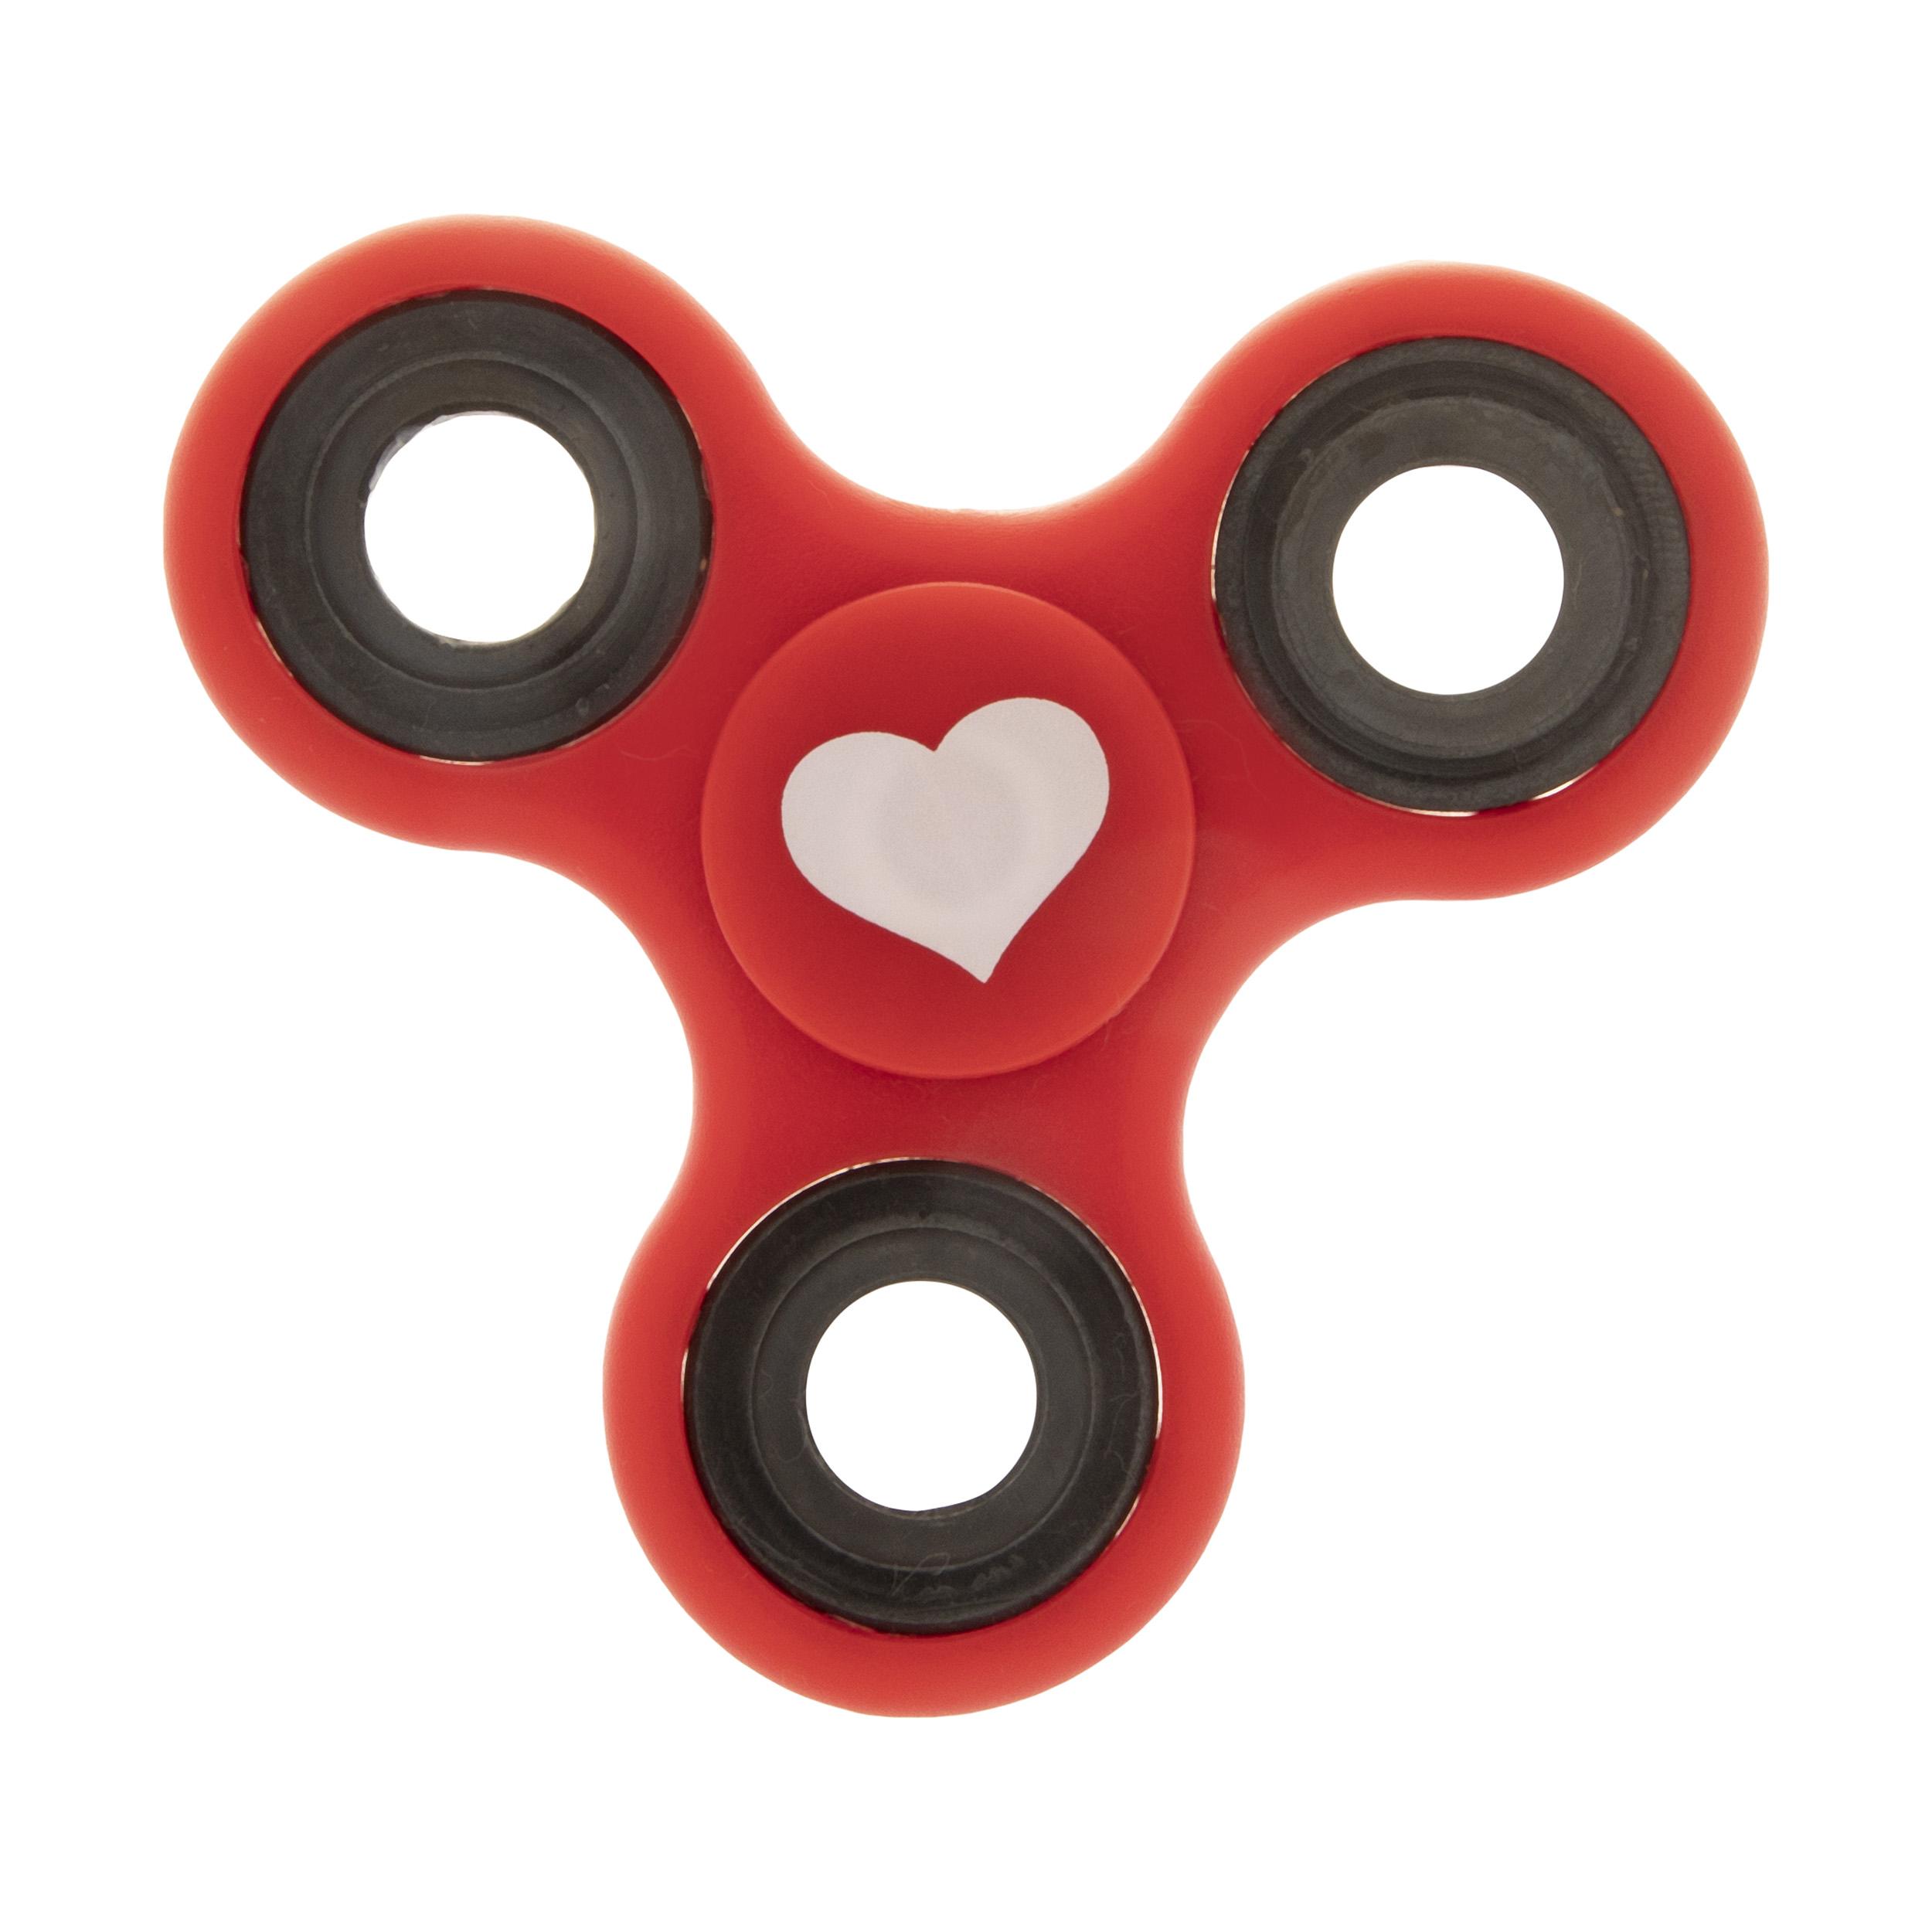 فروش                     اسپینر دستی ترایب مدل Love